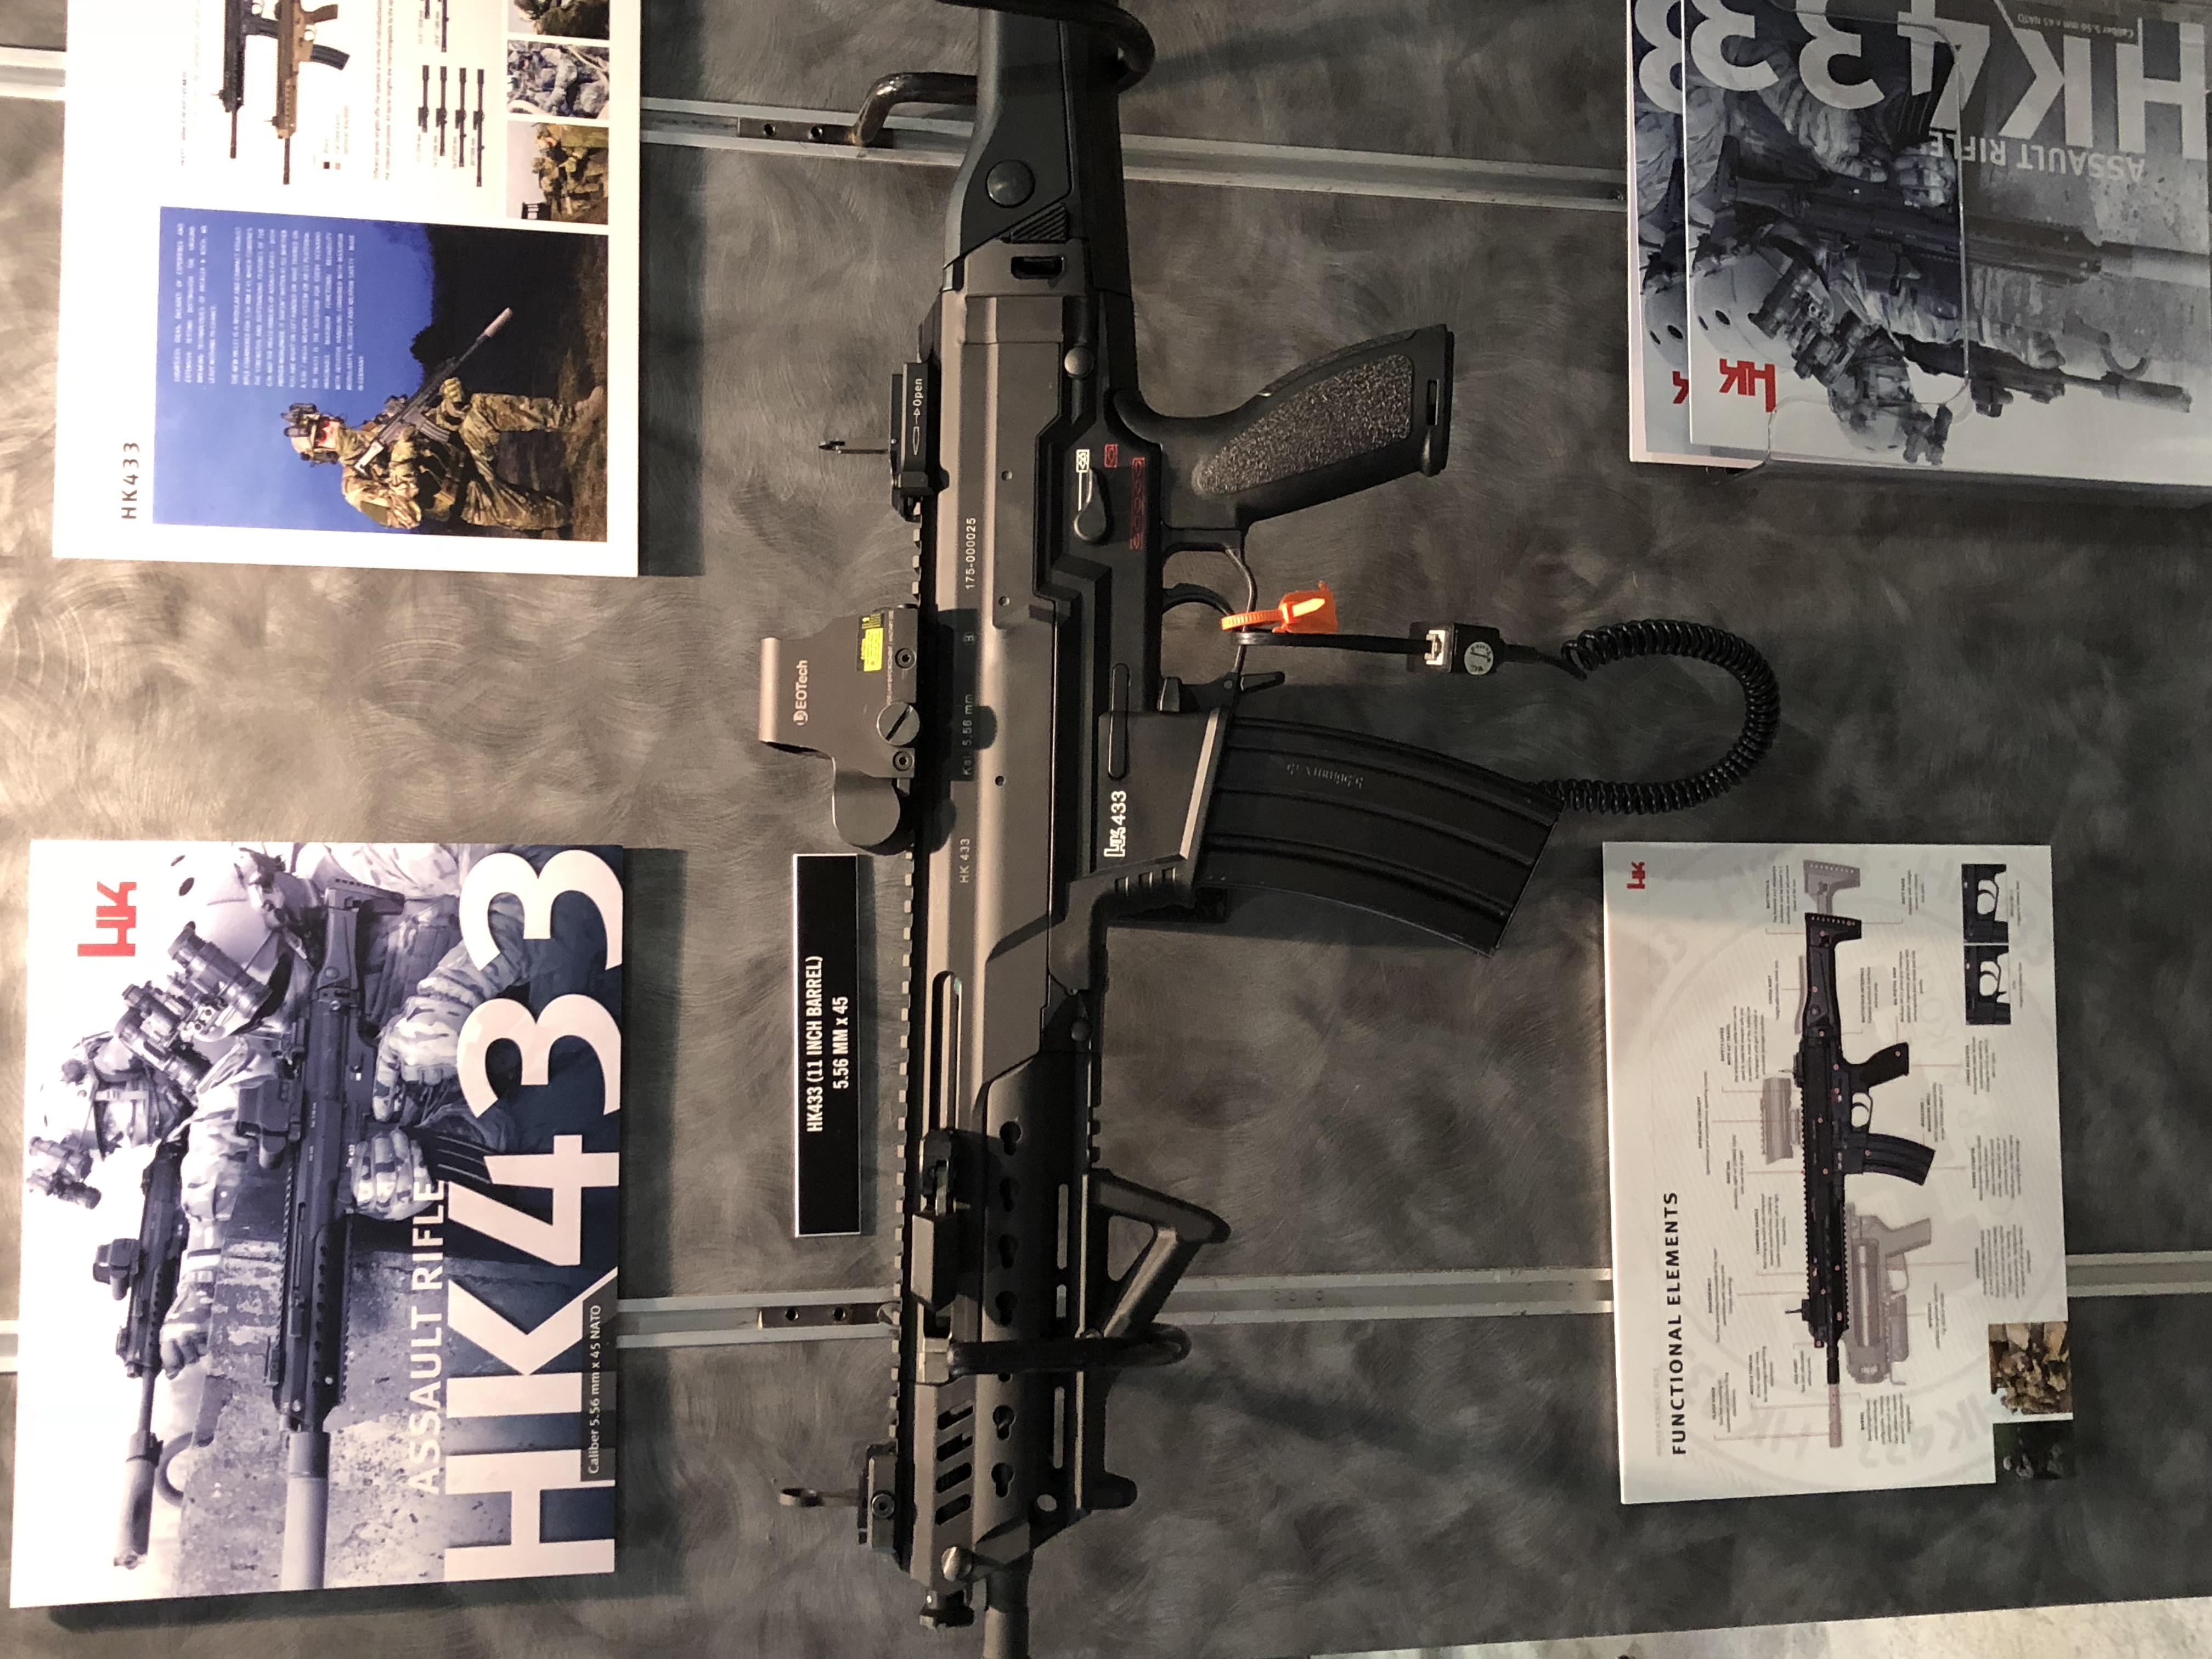 HK433-ucinbsgjqdkzxs3rf3lgaq.jpg